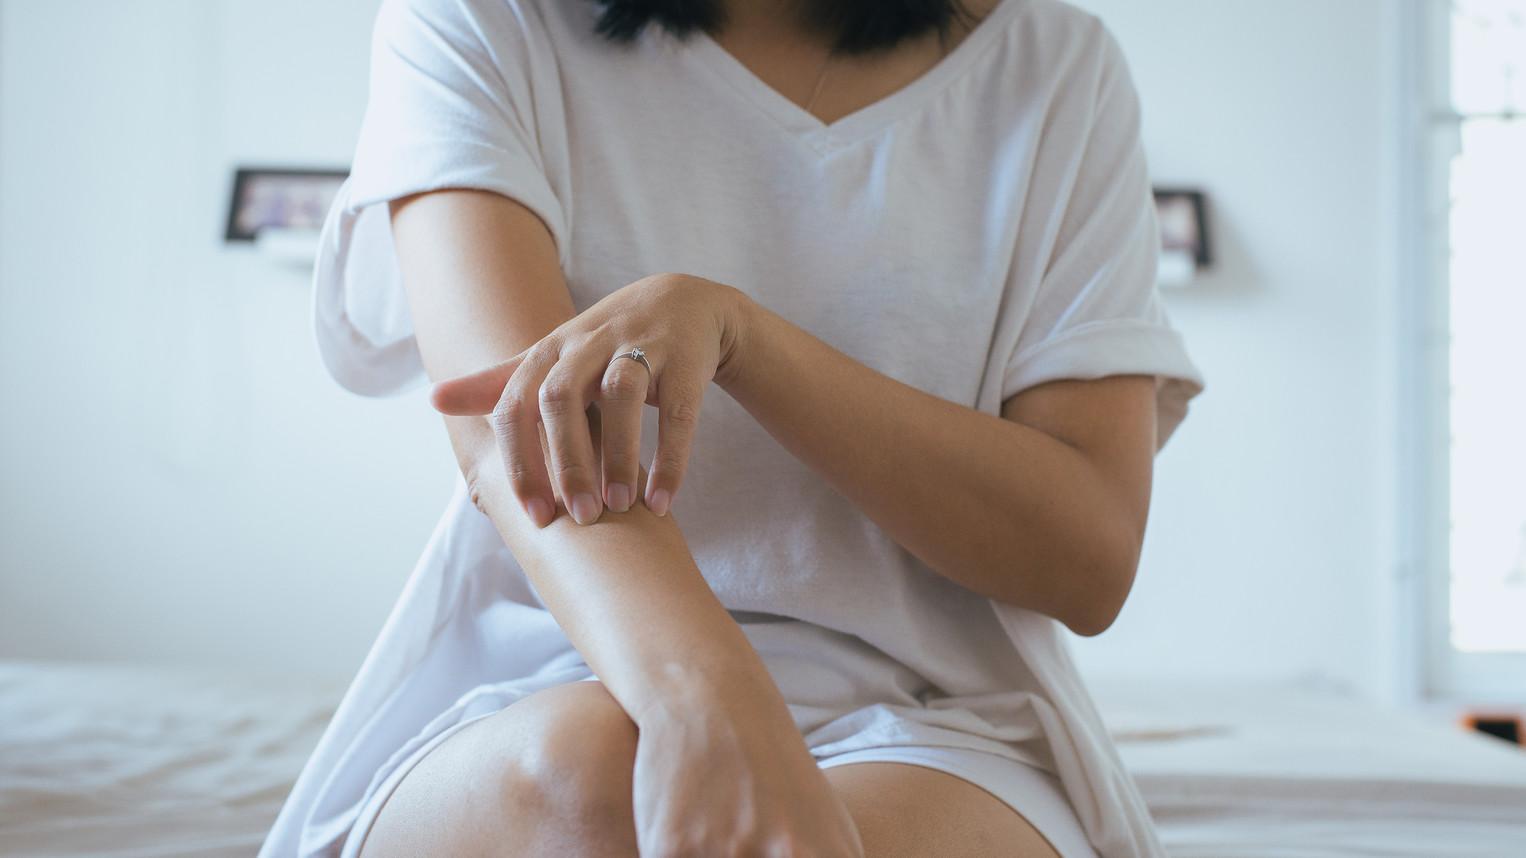 hogyan lehet gyorsan gyógyítani a pikkelysömör könyökét pikkelysmr a fejn tnetek s kezels